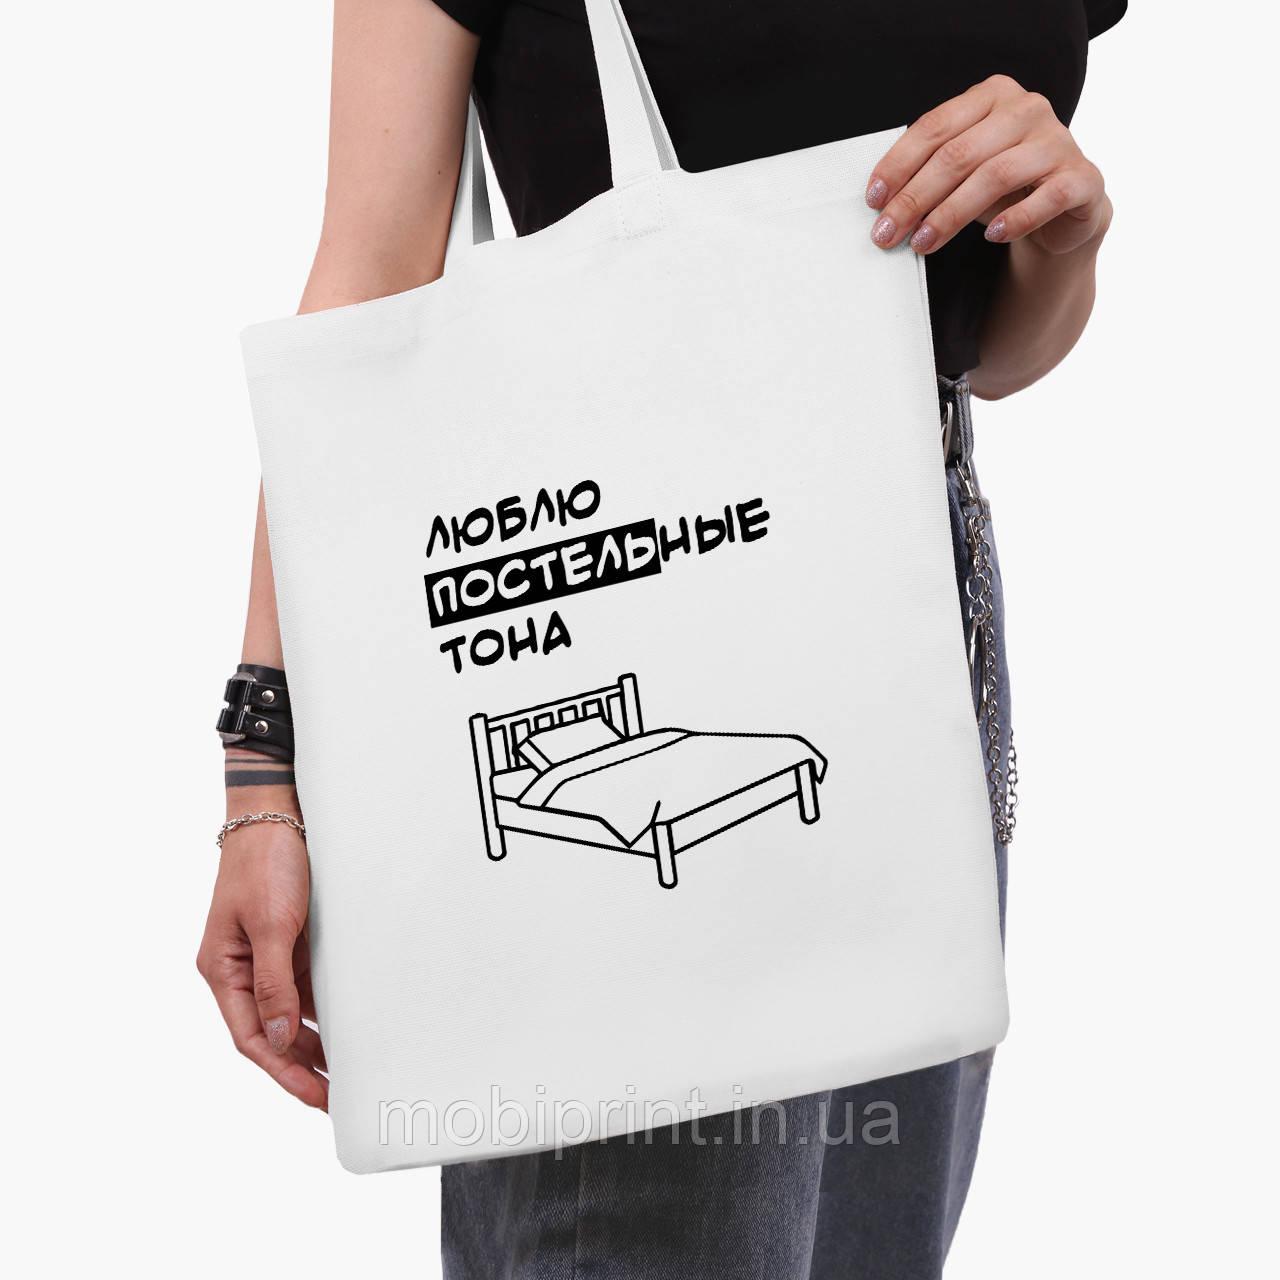 Еко сумка шоппер біла Люблю постільні тони (I love bed colors) (9227-1543-3) 41*35 см